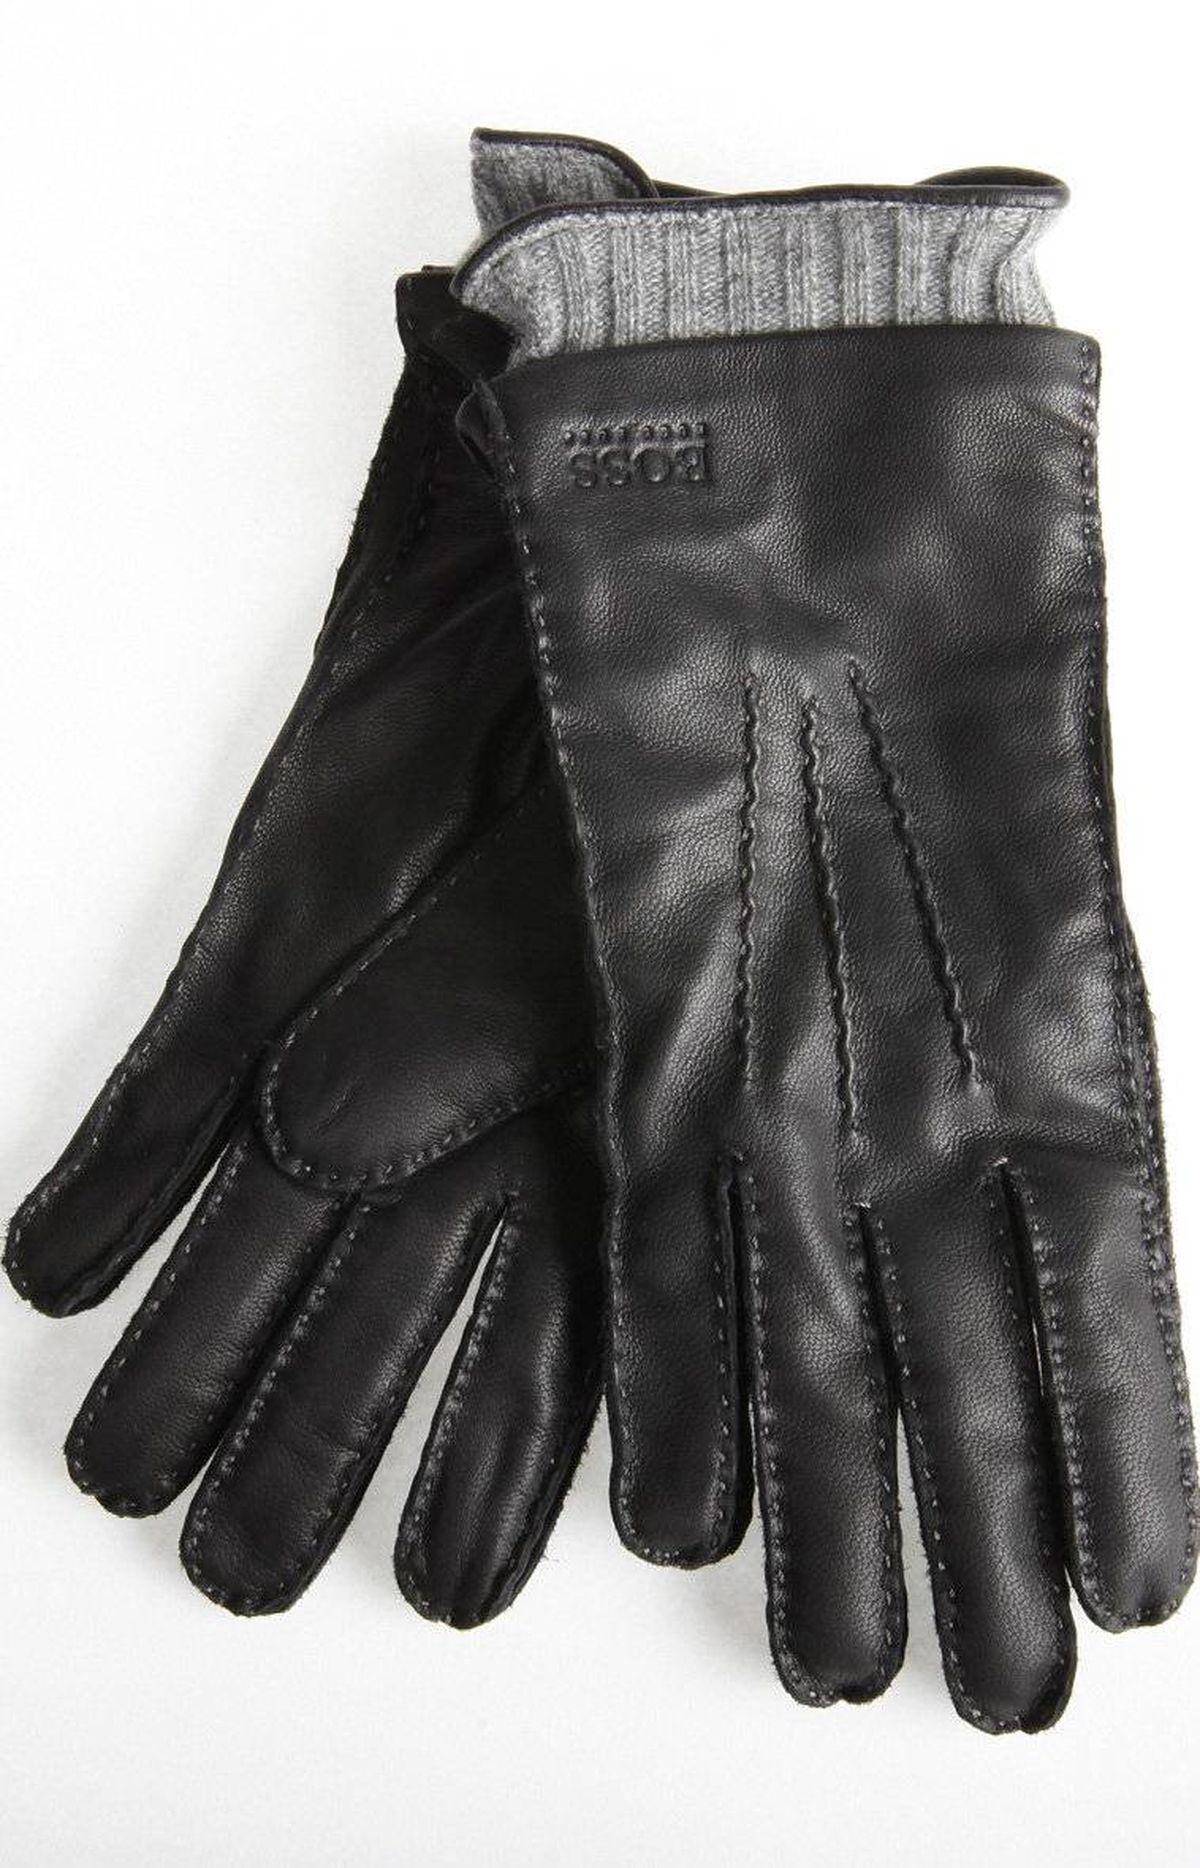 Black Hugo Boss gloves, $135 at Harry Rosen (www.harryrosen.com).